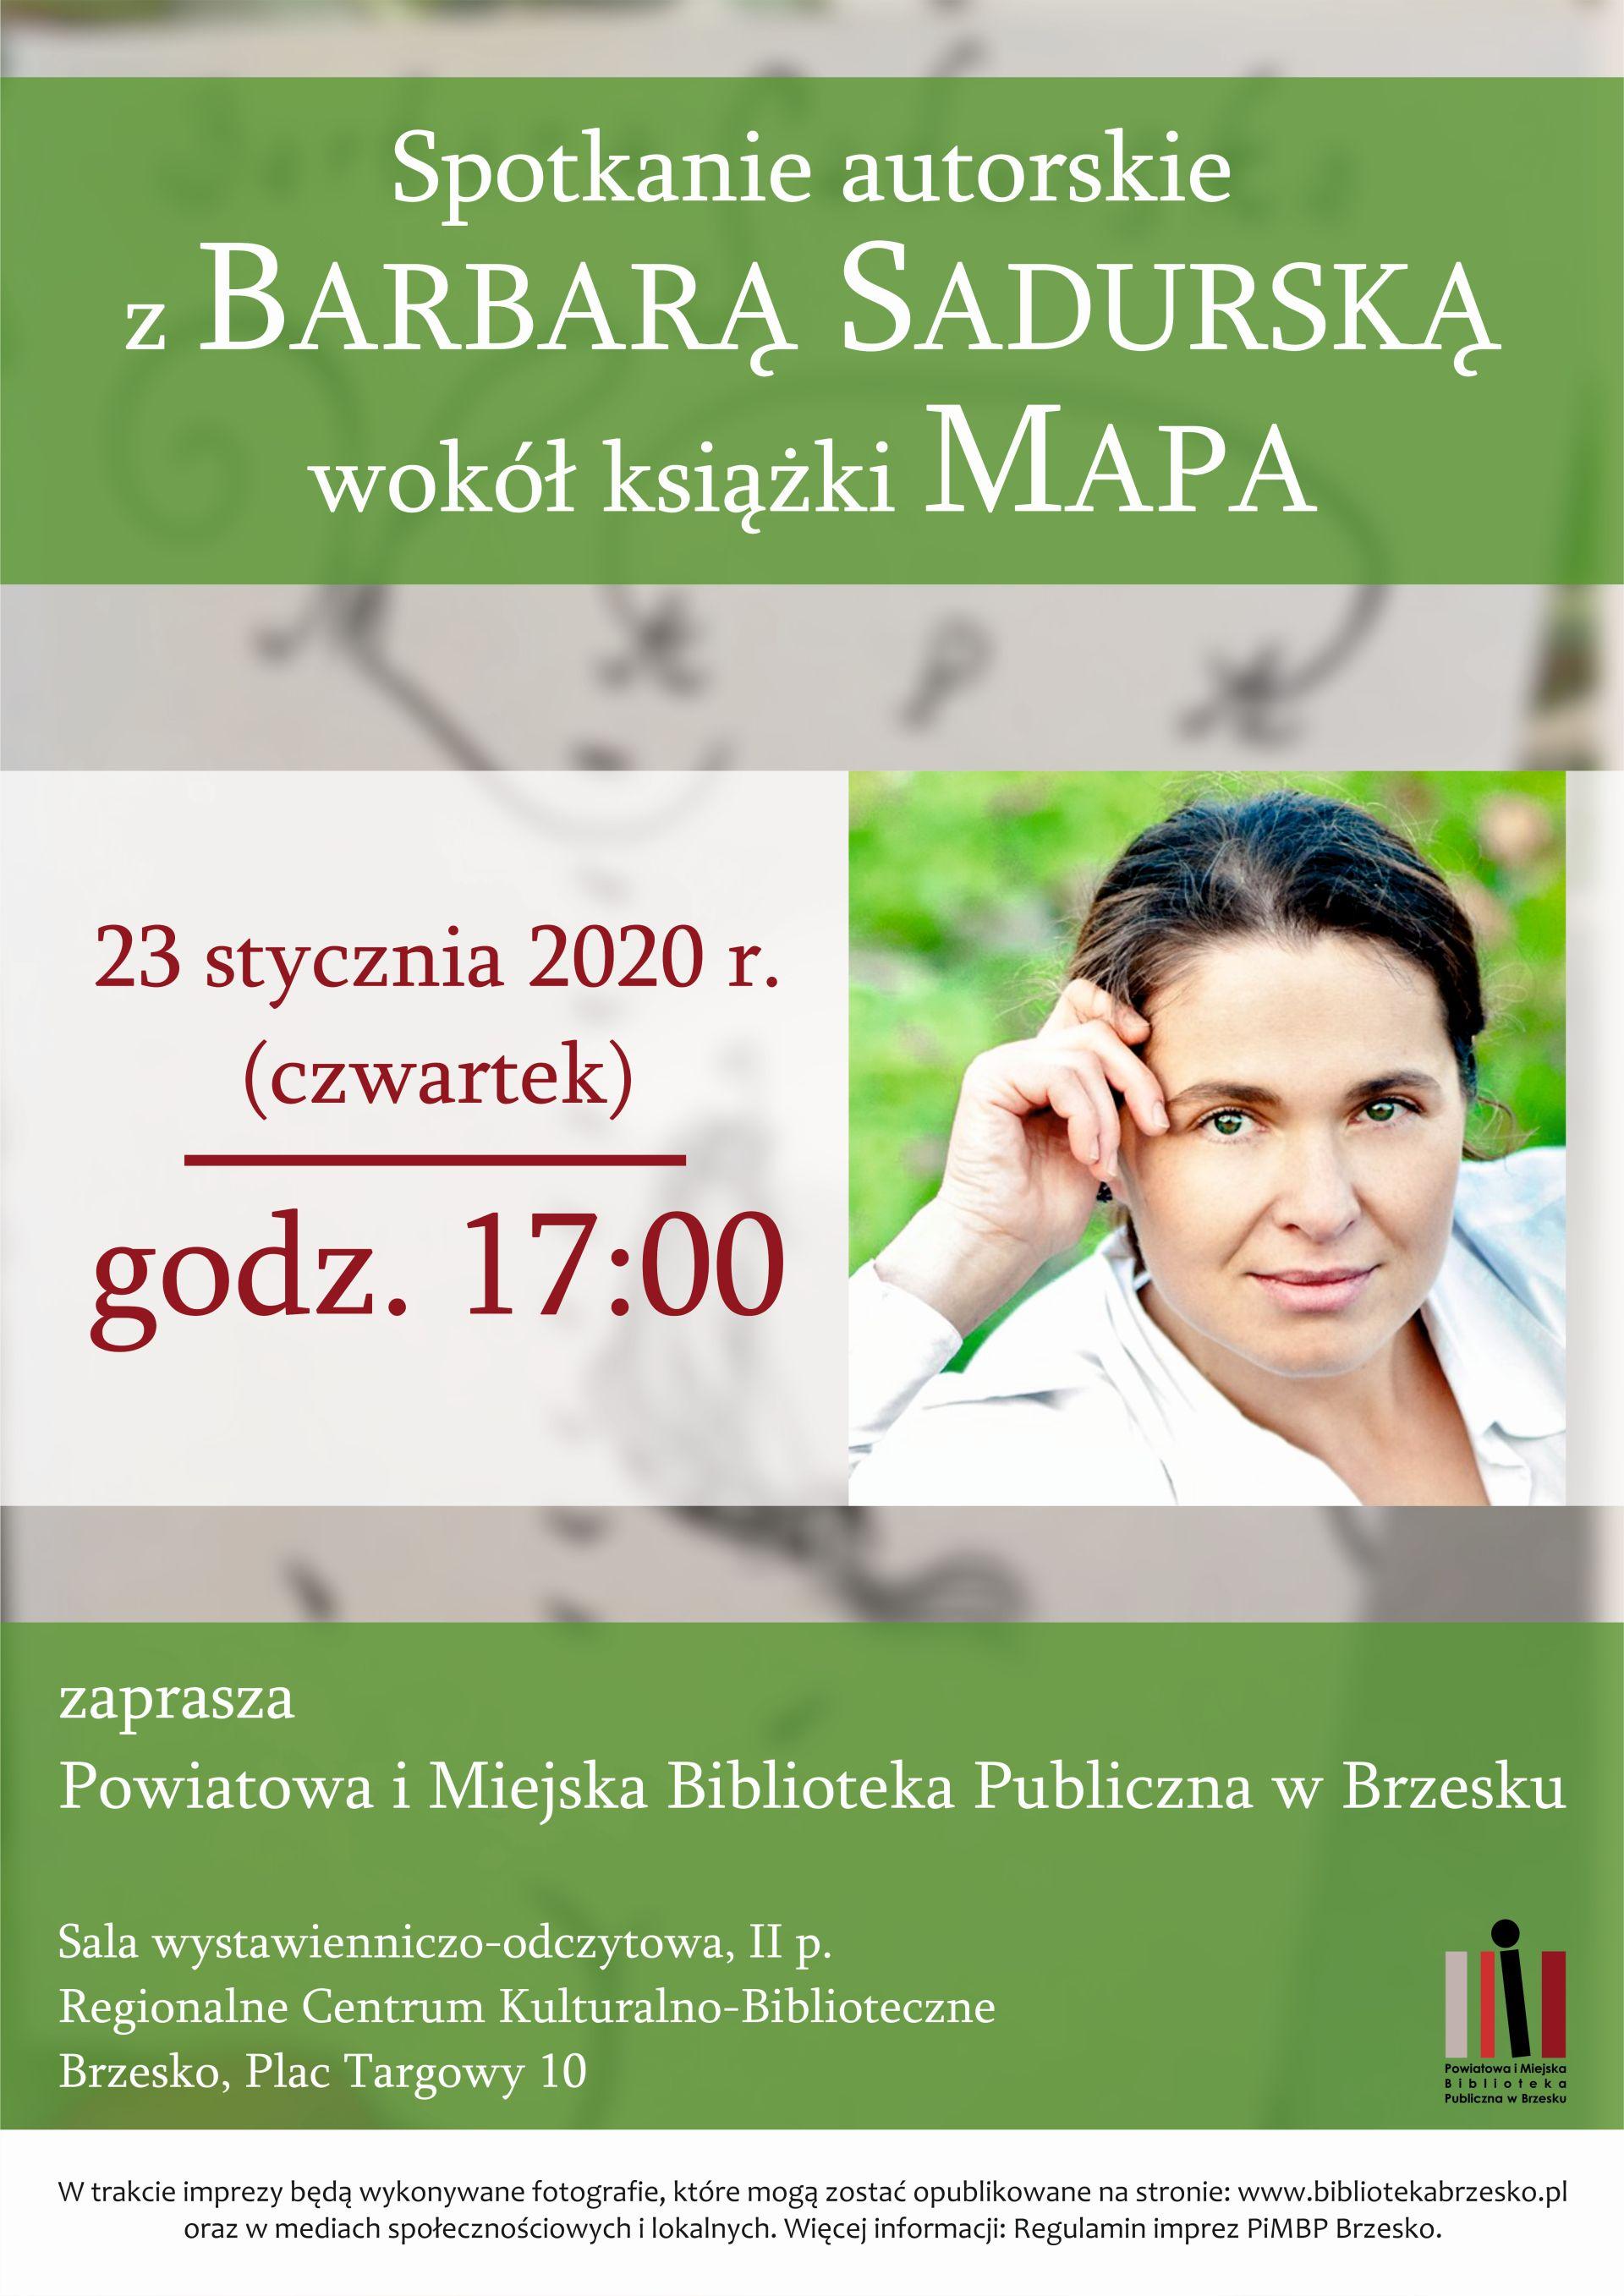 plakat promujący spotkanie autorskie z Barbarą Sadurską